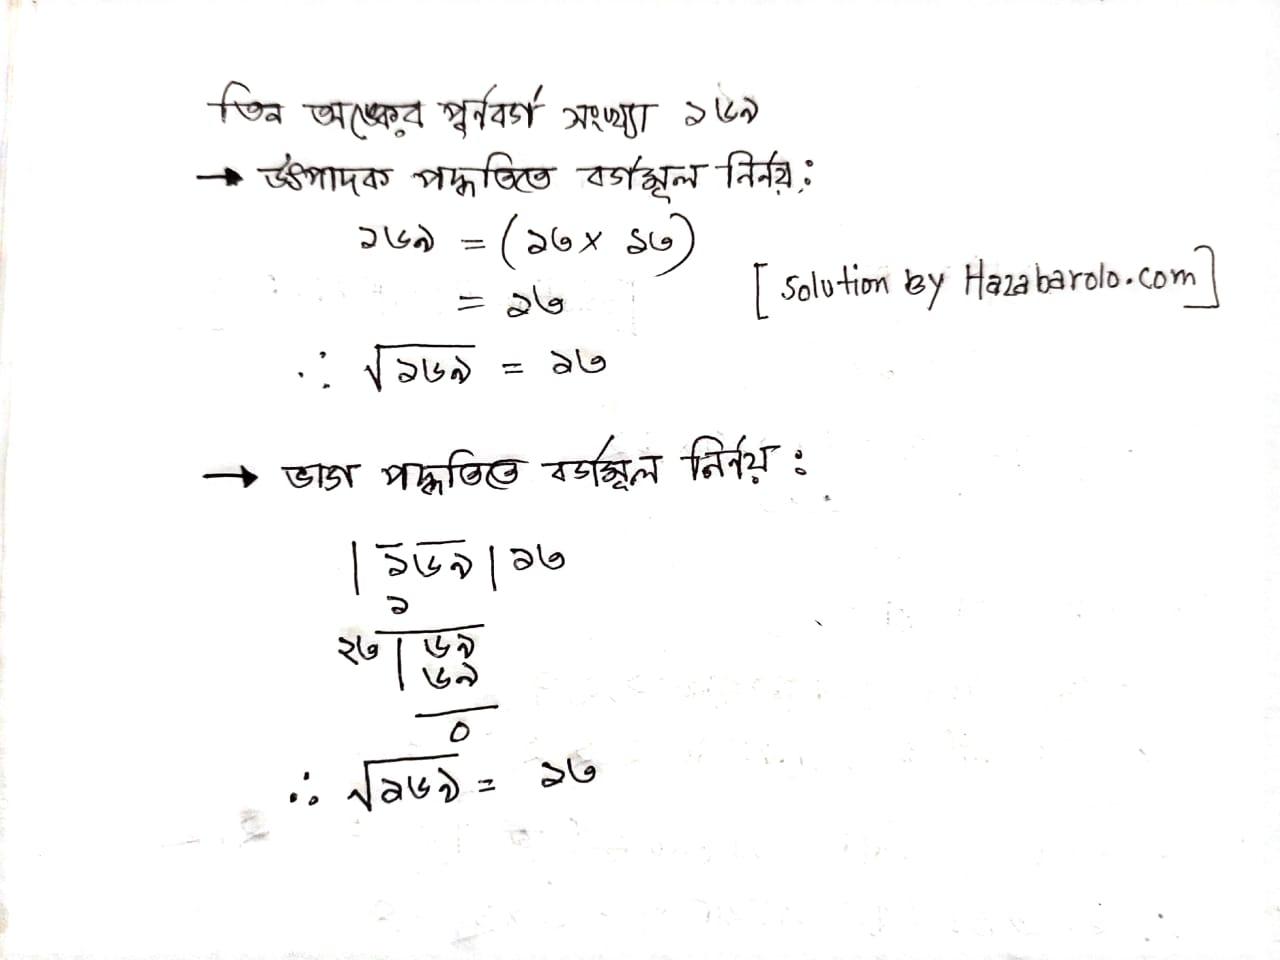 তিন অঙ্কের পূর্ণ বর্গসংখ্যা এবং দুটি ভিন্ন পদ্ধতিতে সংখ্যাটির বর্গমূল নির্ণয়